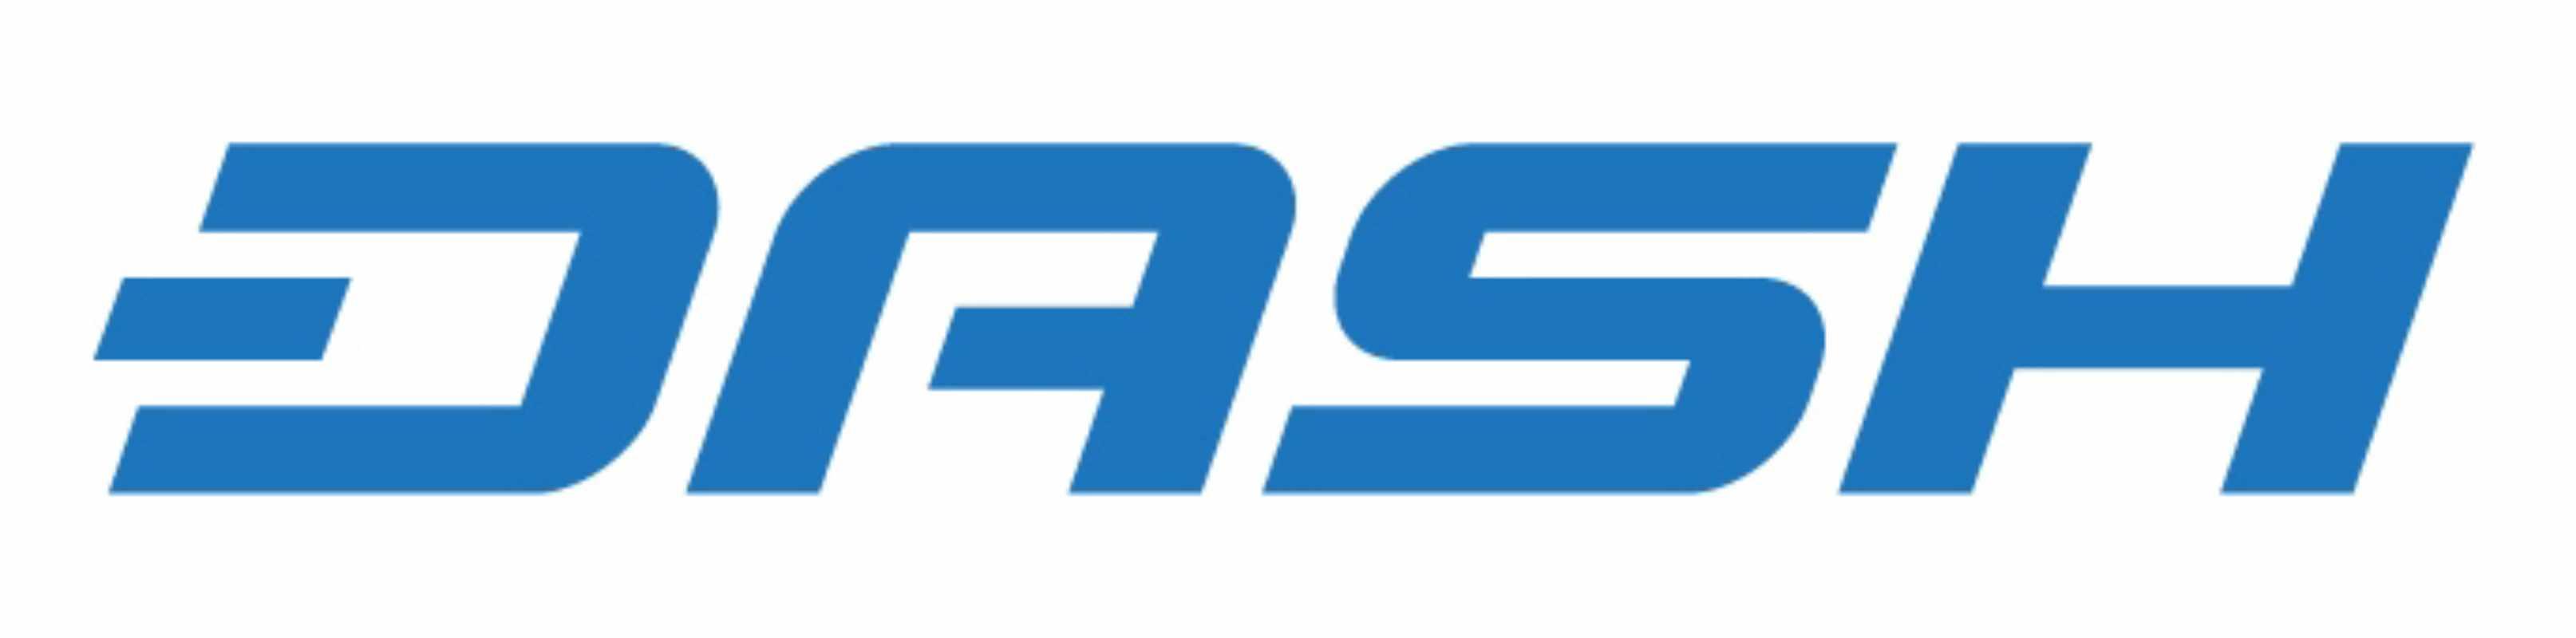 DASH(ダッシュ)とは|仮想通貨の特徴・価格・チャート・購入方法